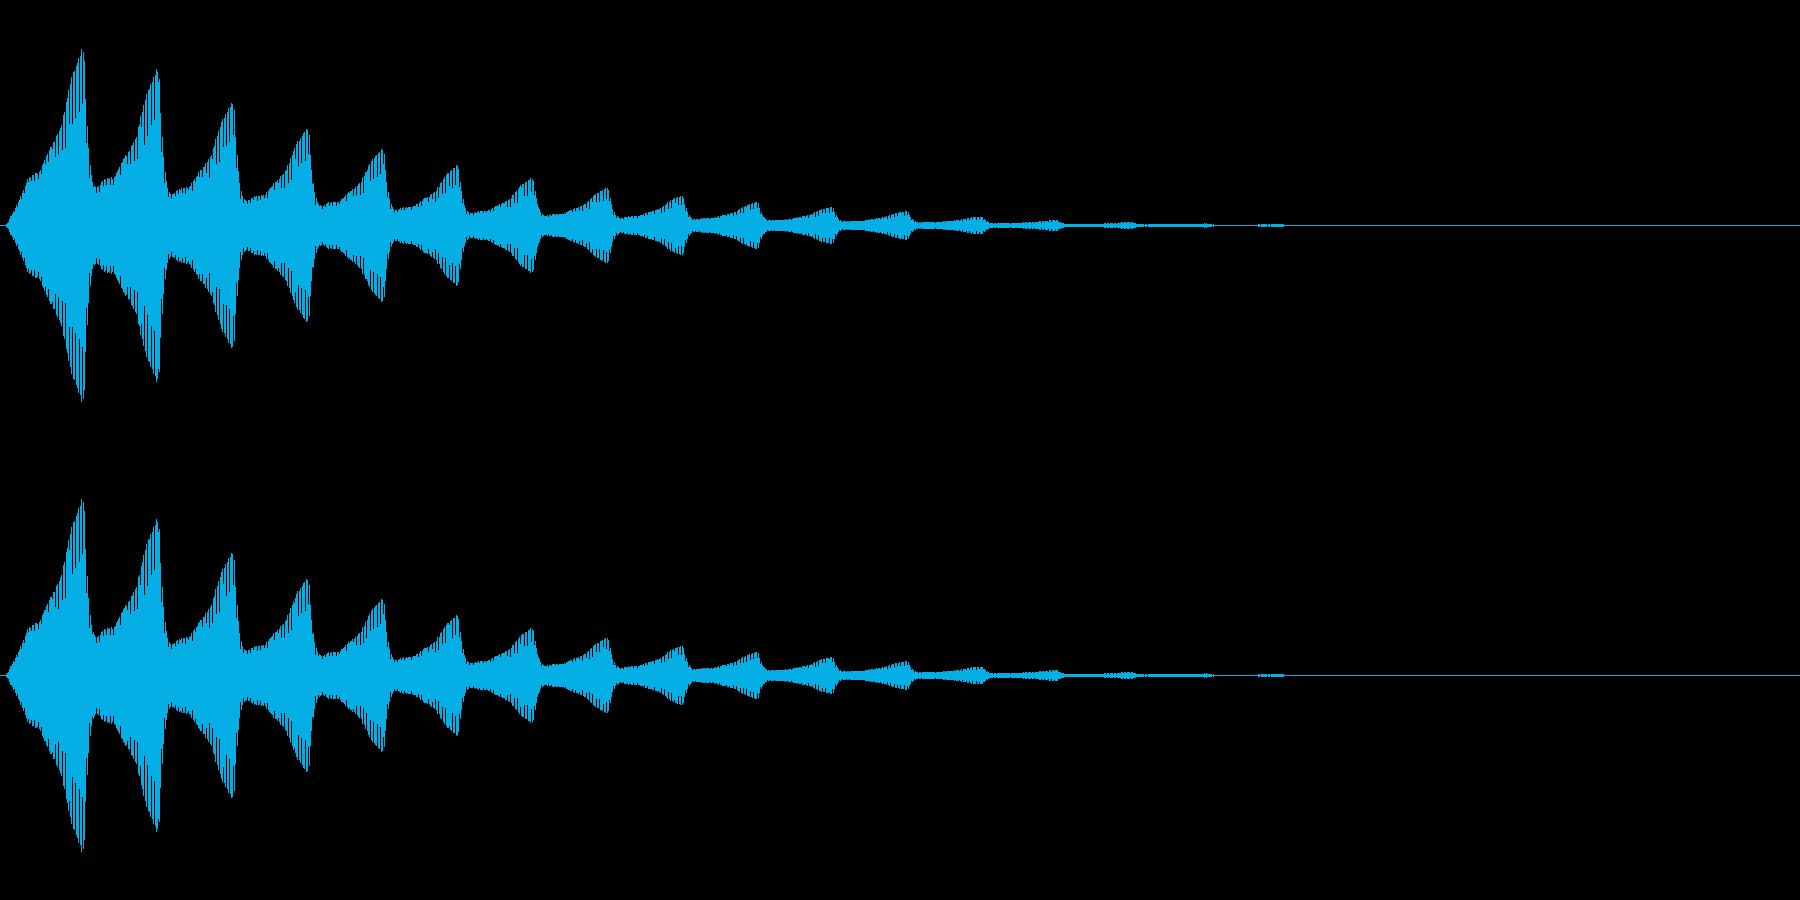 ソナー音のような電子音です。ゲームに使…の再生済みの波形